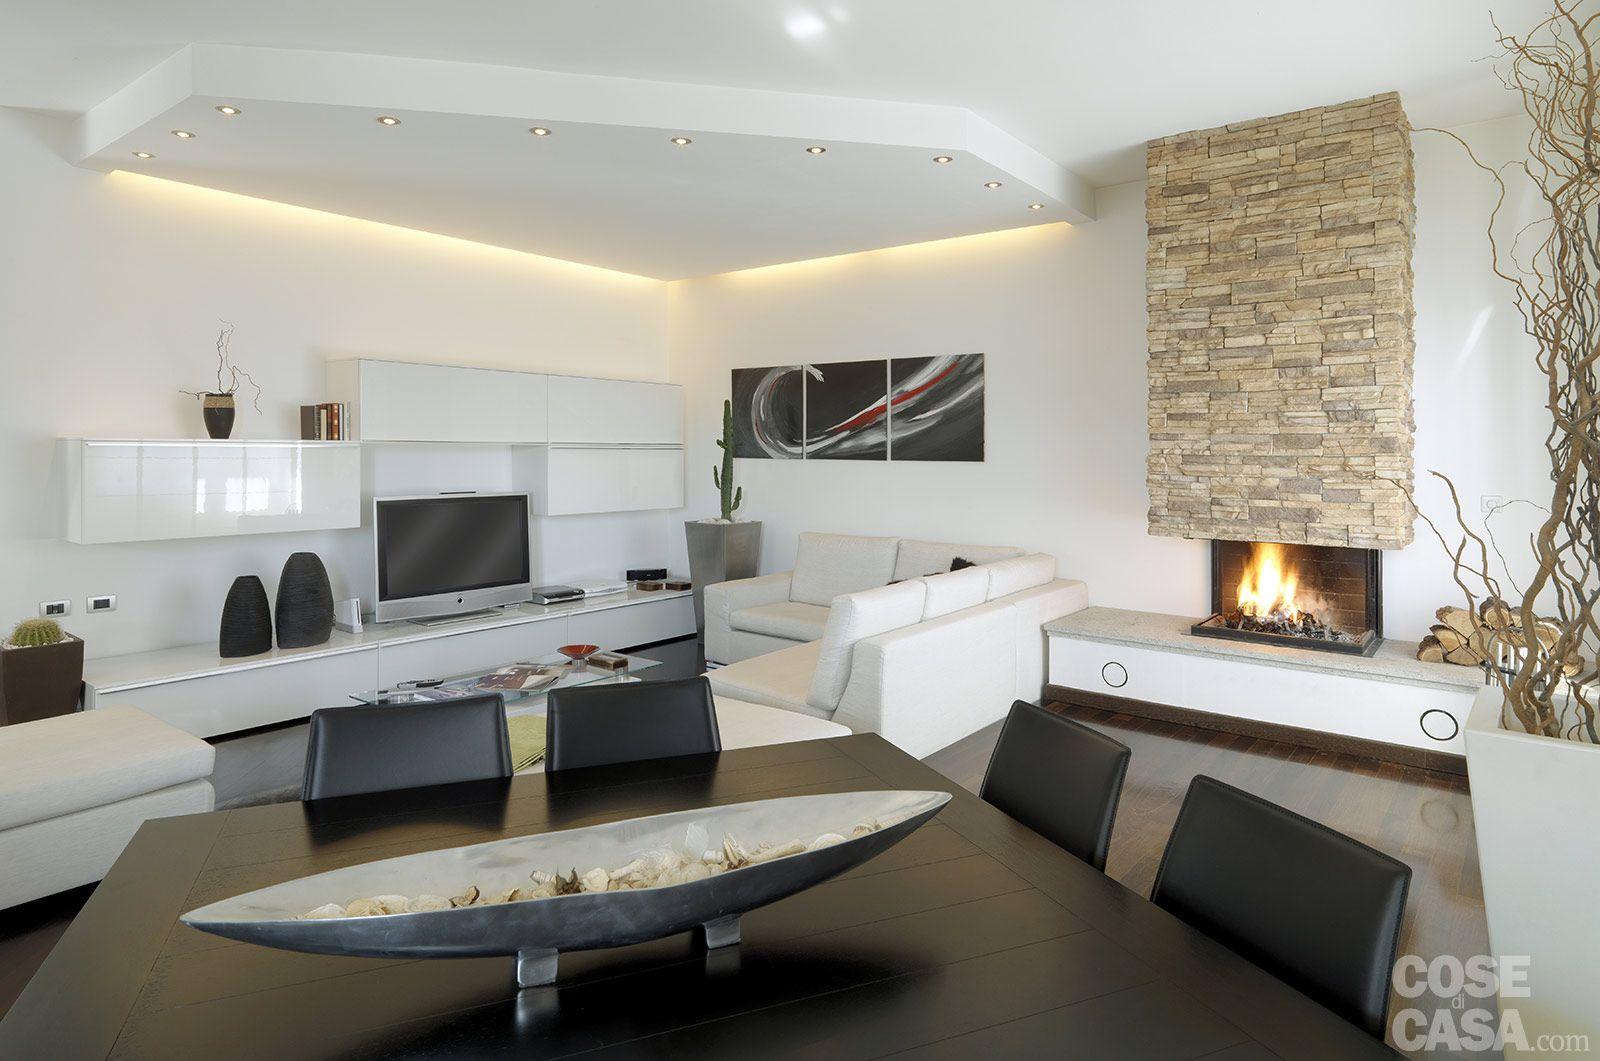 cartongesso soggiorno moderno - Cerca con Google | Гостиная ...